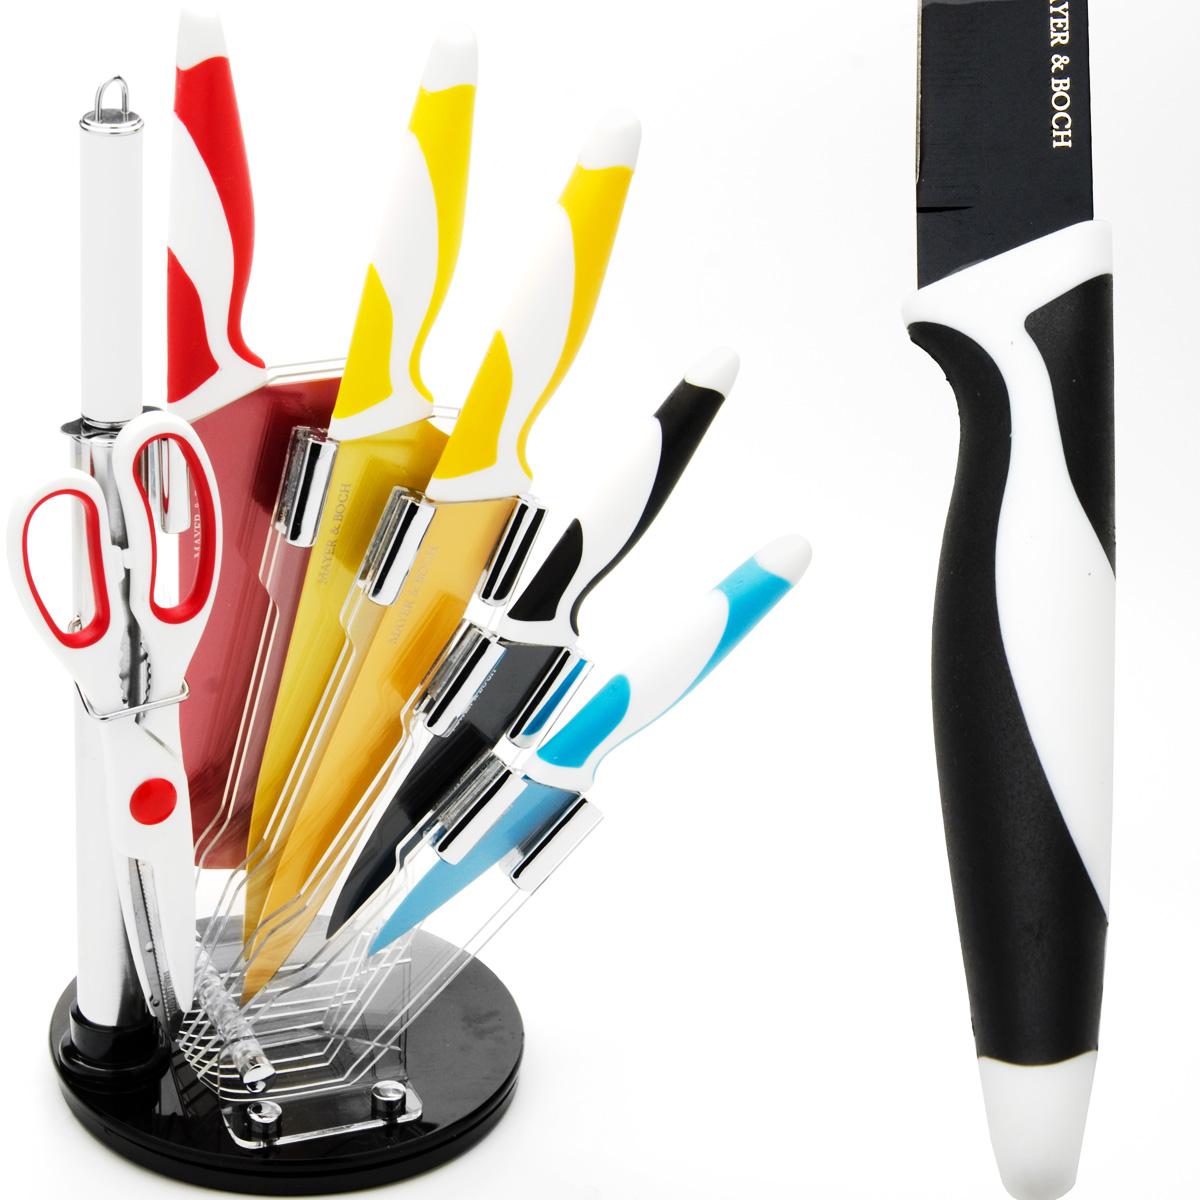 Набор ножей Mayer & Boch, 8 предметов. 2420024200Набор ножей Mayer & Boch состоит из 5 ножей, ножниц, точилки и подставки. Ножи выполнены из нержавеющей стали, ручки из термопластика. Удобная акриловая подставка поможет хранить ножи в одном месте.Оригинальный набор ножей великолепно украсит интерьер кухни и станет замечательным помощником.Можно мыть в посудомоечной машине.Длина лезвия поварского ножа: 20,3 см. Общая длина поварского ножа: 33 см. Длина лезвия ножа для разделки мяса: 17,8 см. Общая длина ножа для разделки мяса: 31 см. Длина лезвия разделочного ножа: 20,3 см. Общая длина разделочного ножа: 33 см. Длина лезвия универсального ножа: 12,7 см. Общая длина универсального ножа: 24 см. Длина лезвия ножа для очистки: 8,9 см. Общая длина ножа для очистки: 20 см. Длина точилки: 30 см. Длина лезвий ножниц: 7 см. Размер ножниц: 22 см х 7 см. Размер подставки (ДхШхВ): 16 см х 16 см х 25 см.